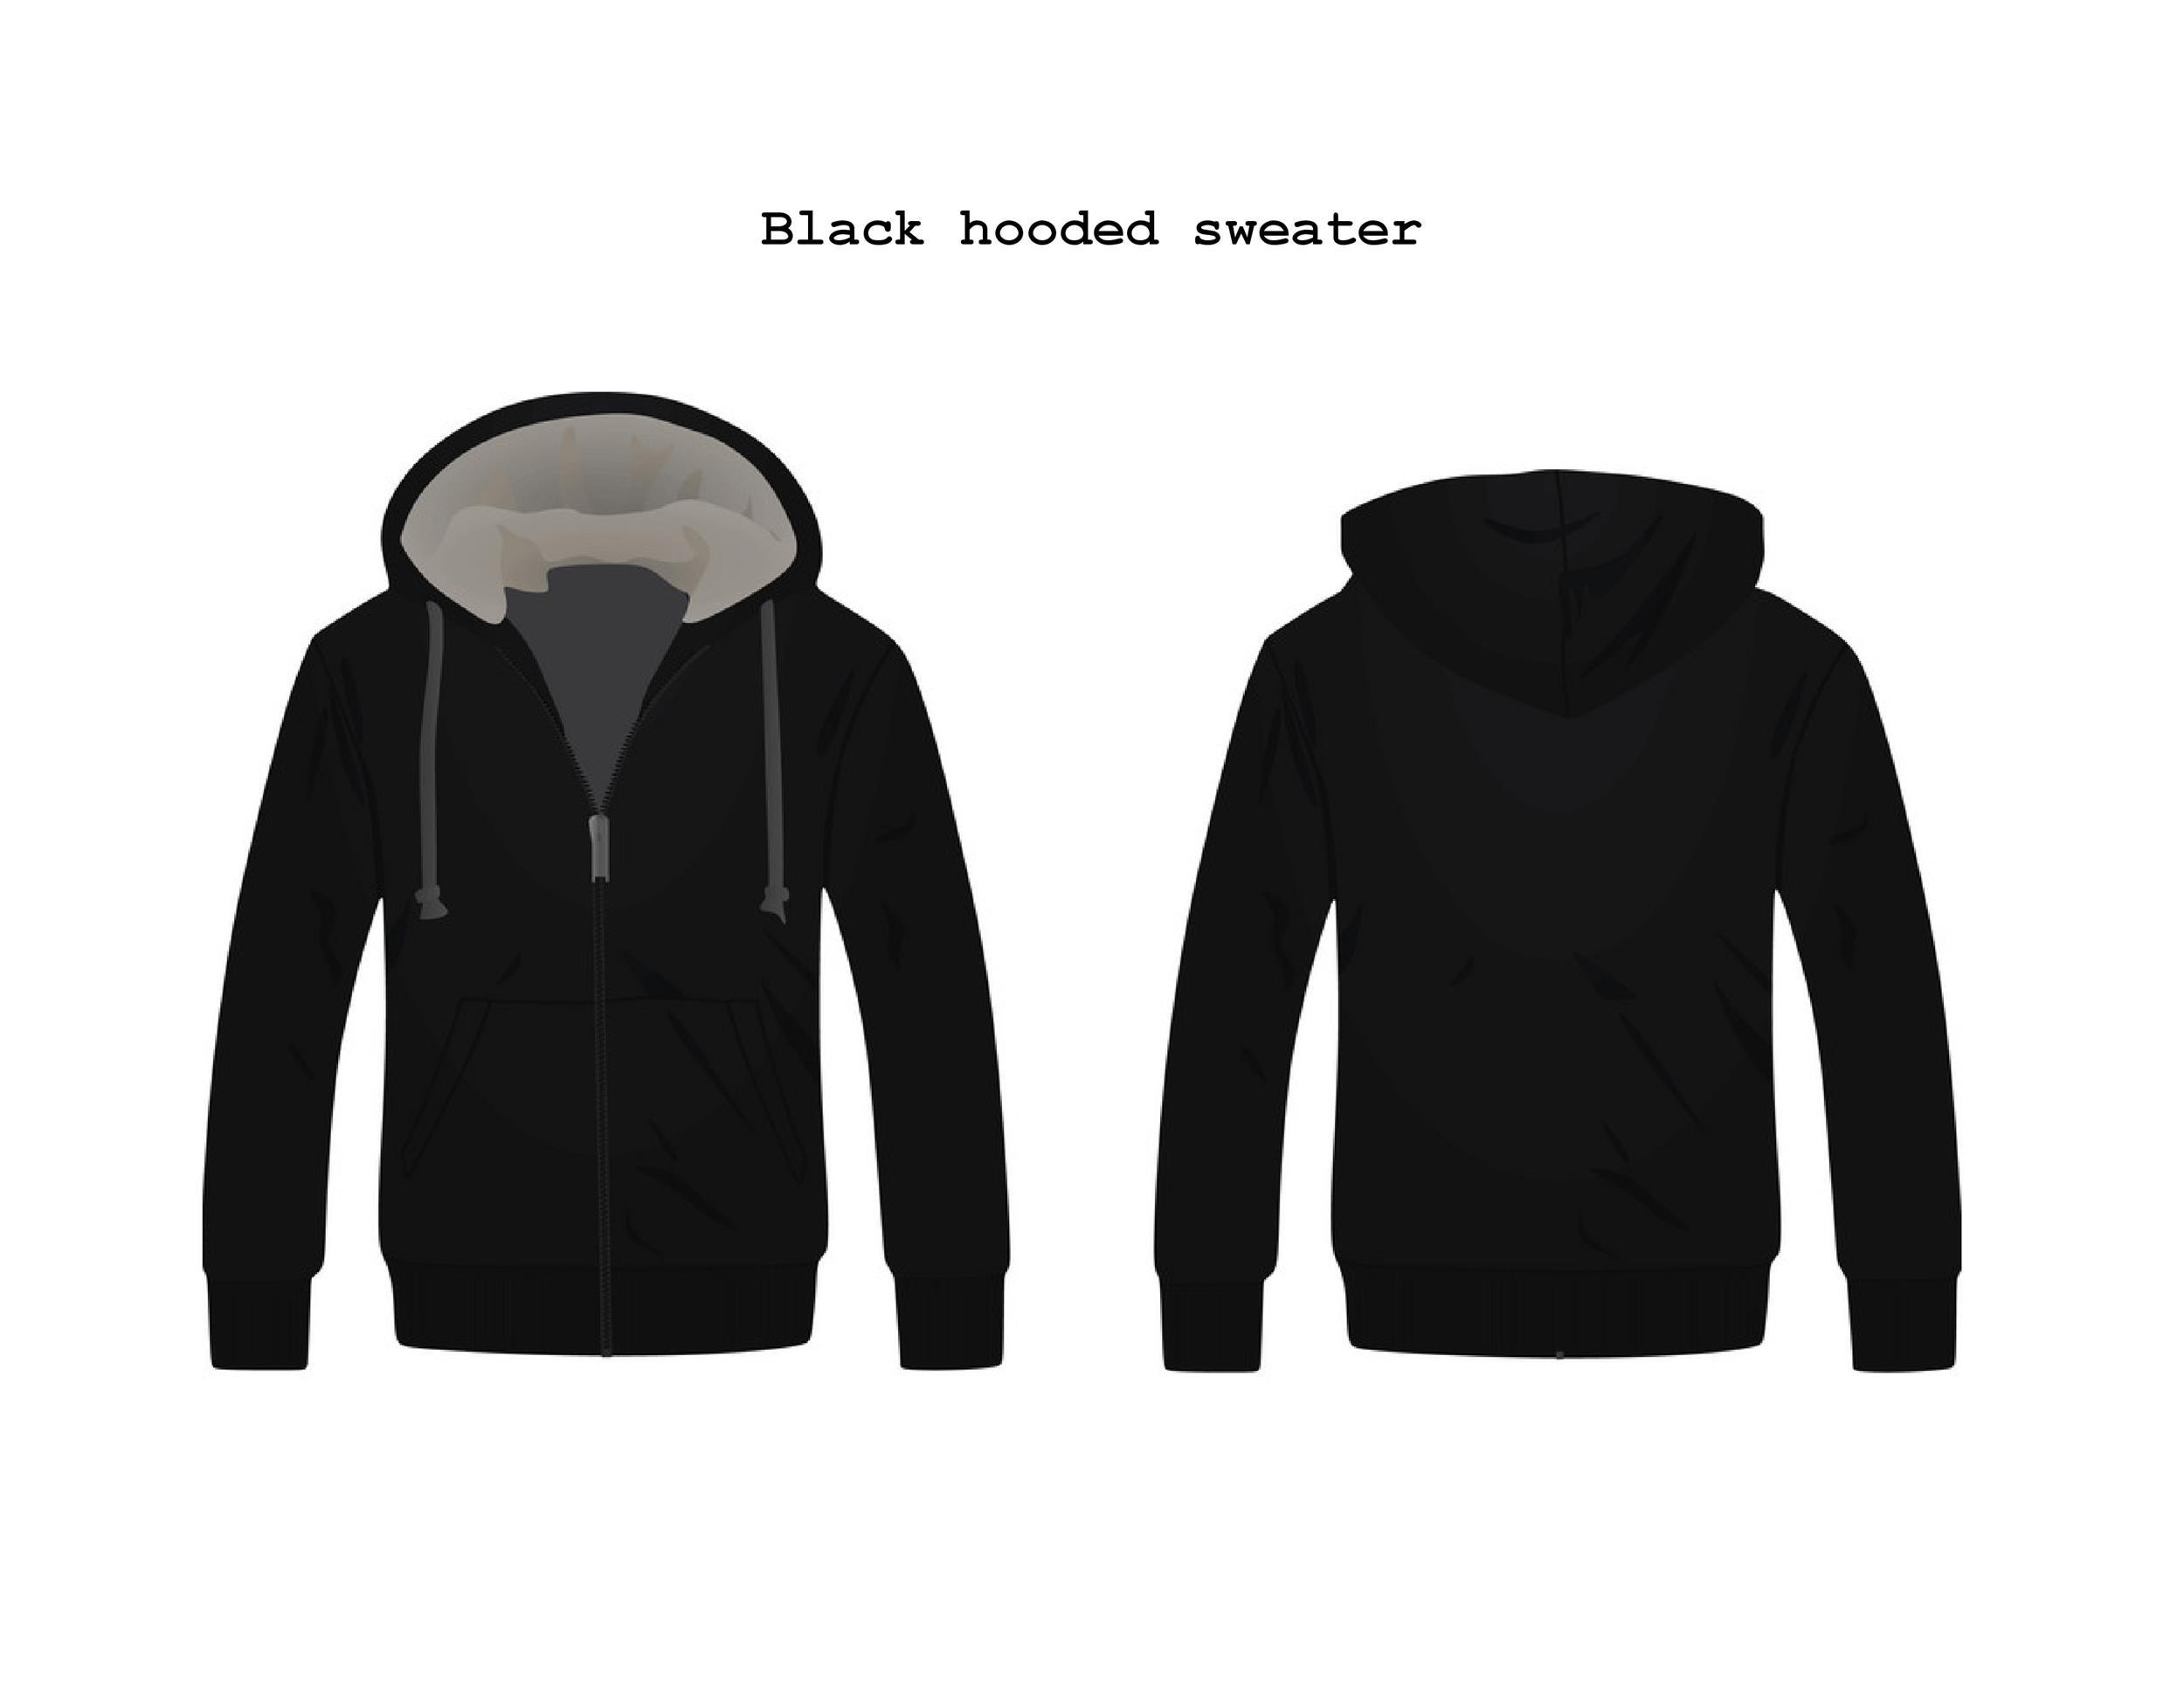 Free hoodie template 32